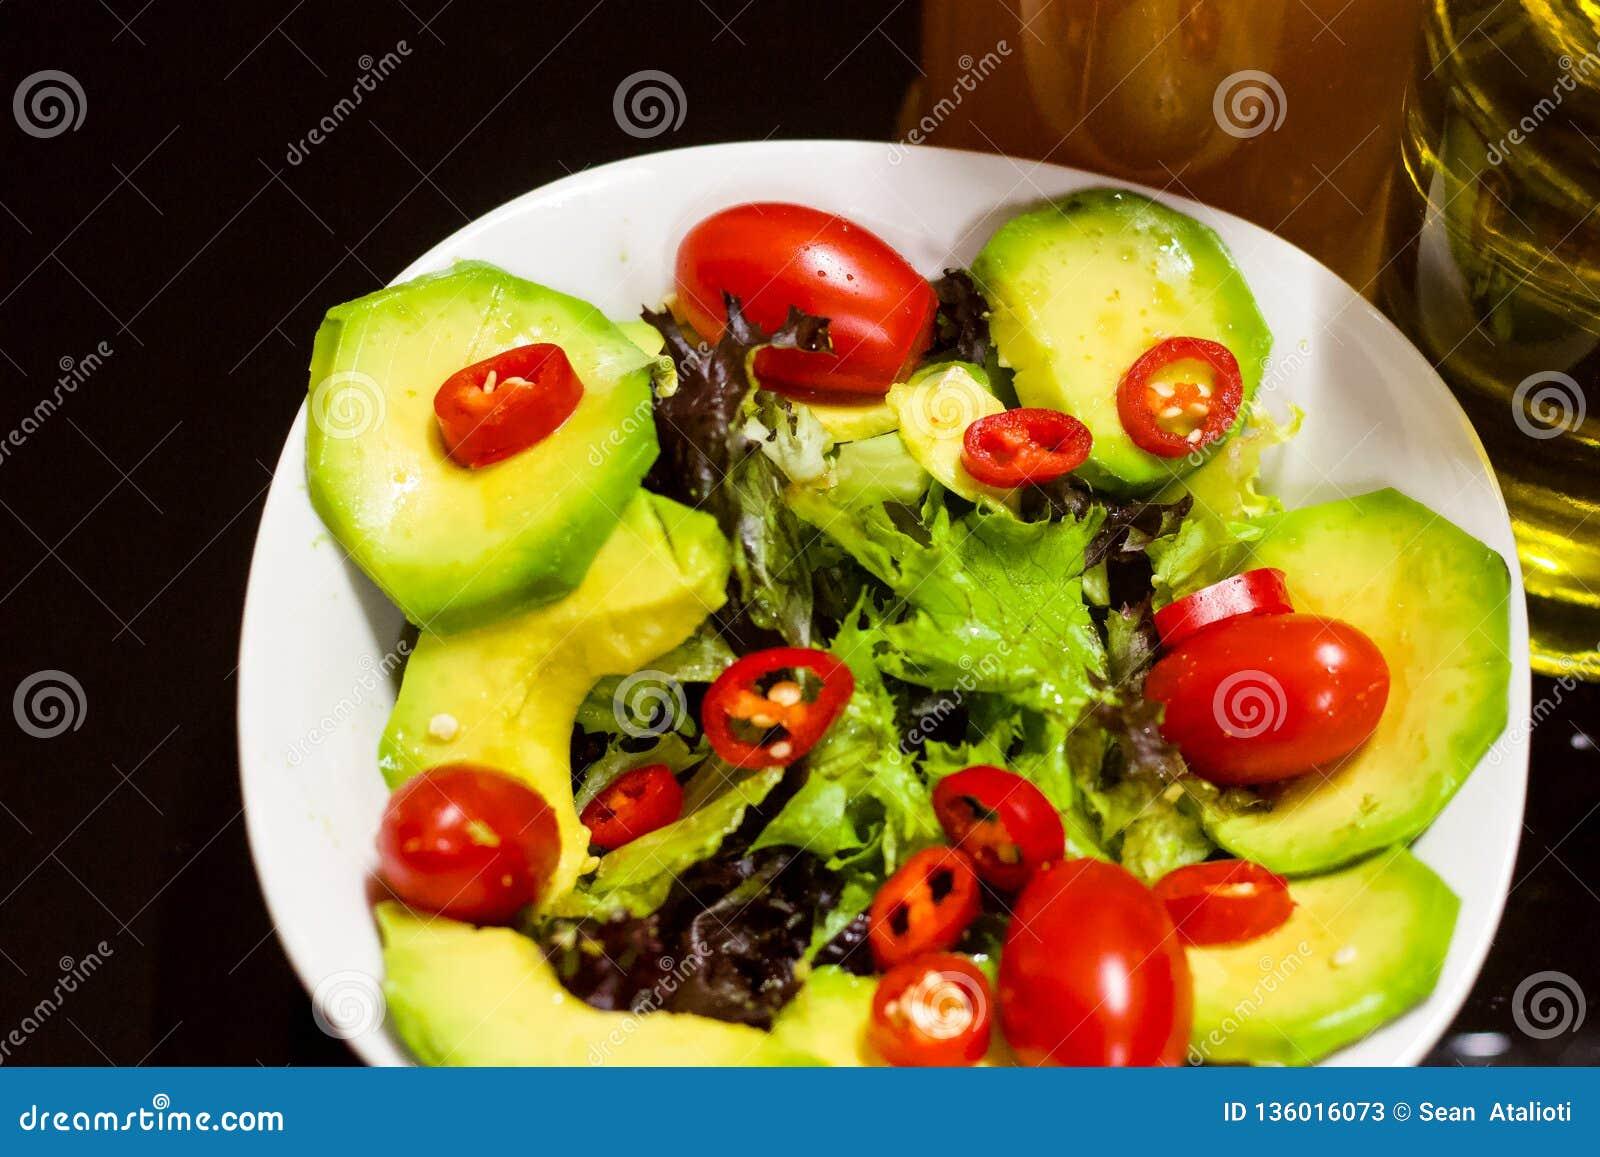 Färgglade sunda foods avokado, Olive Oil, äppelcidervinäger, Cherry Tomatoes, röda chili grönsallat, för sund matvana